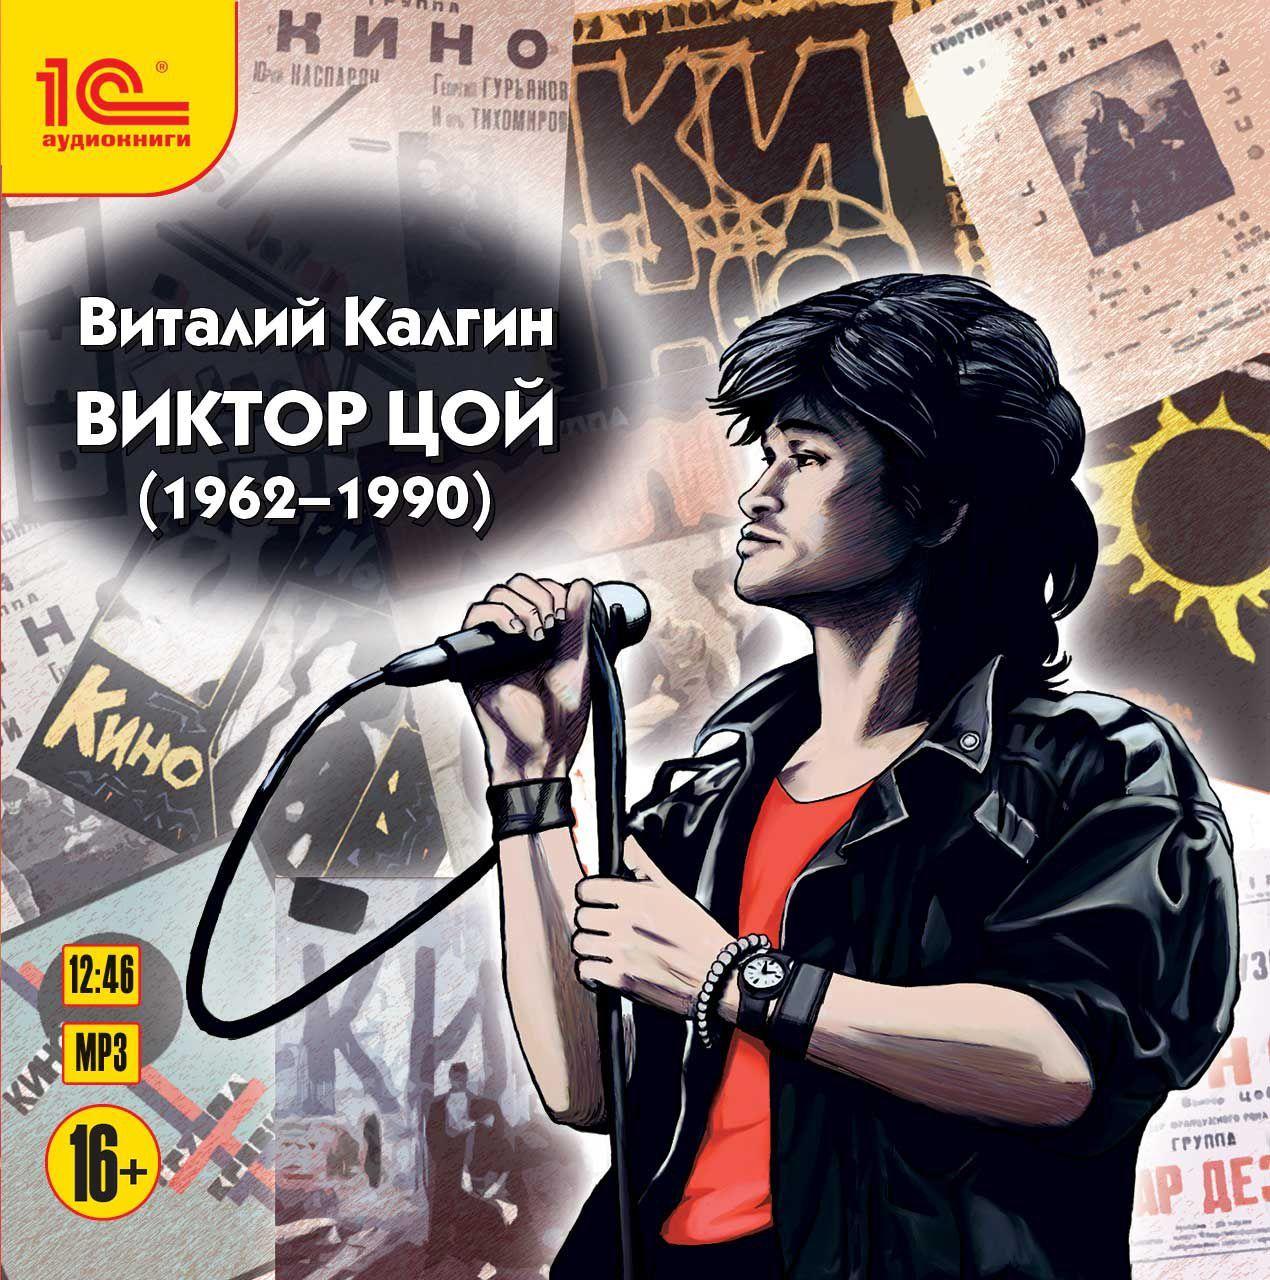 Виталий Калгин Виктор Цой (1962-1990) история группы звуки му